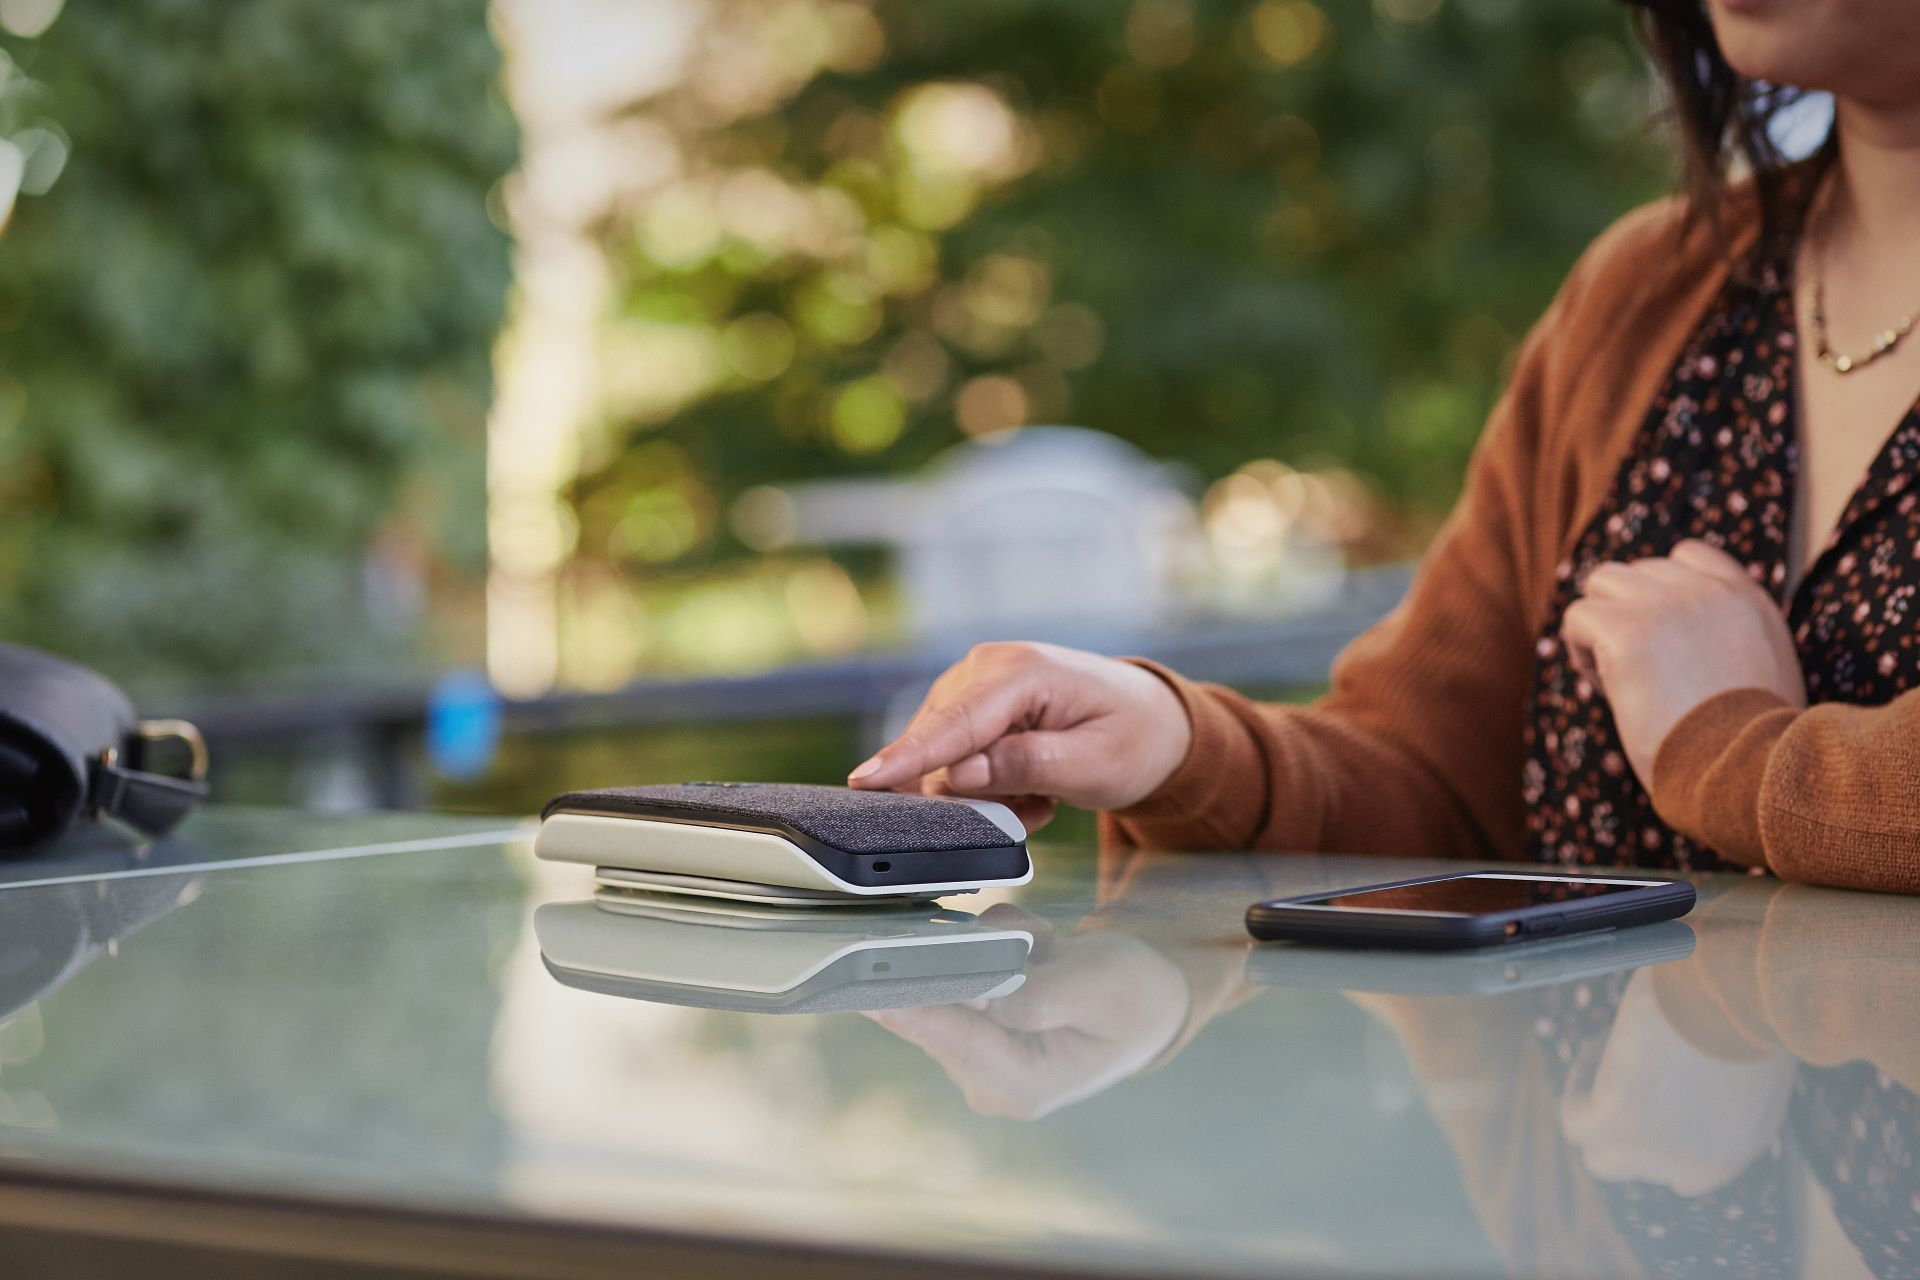 Poly introduceert speakerphones met professionele audiokwaliteit voor thuis